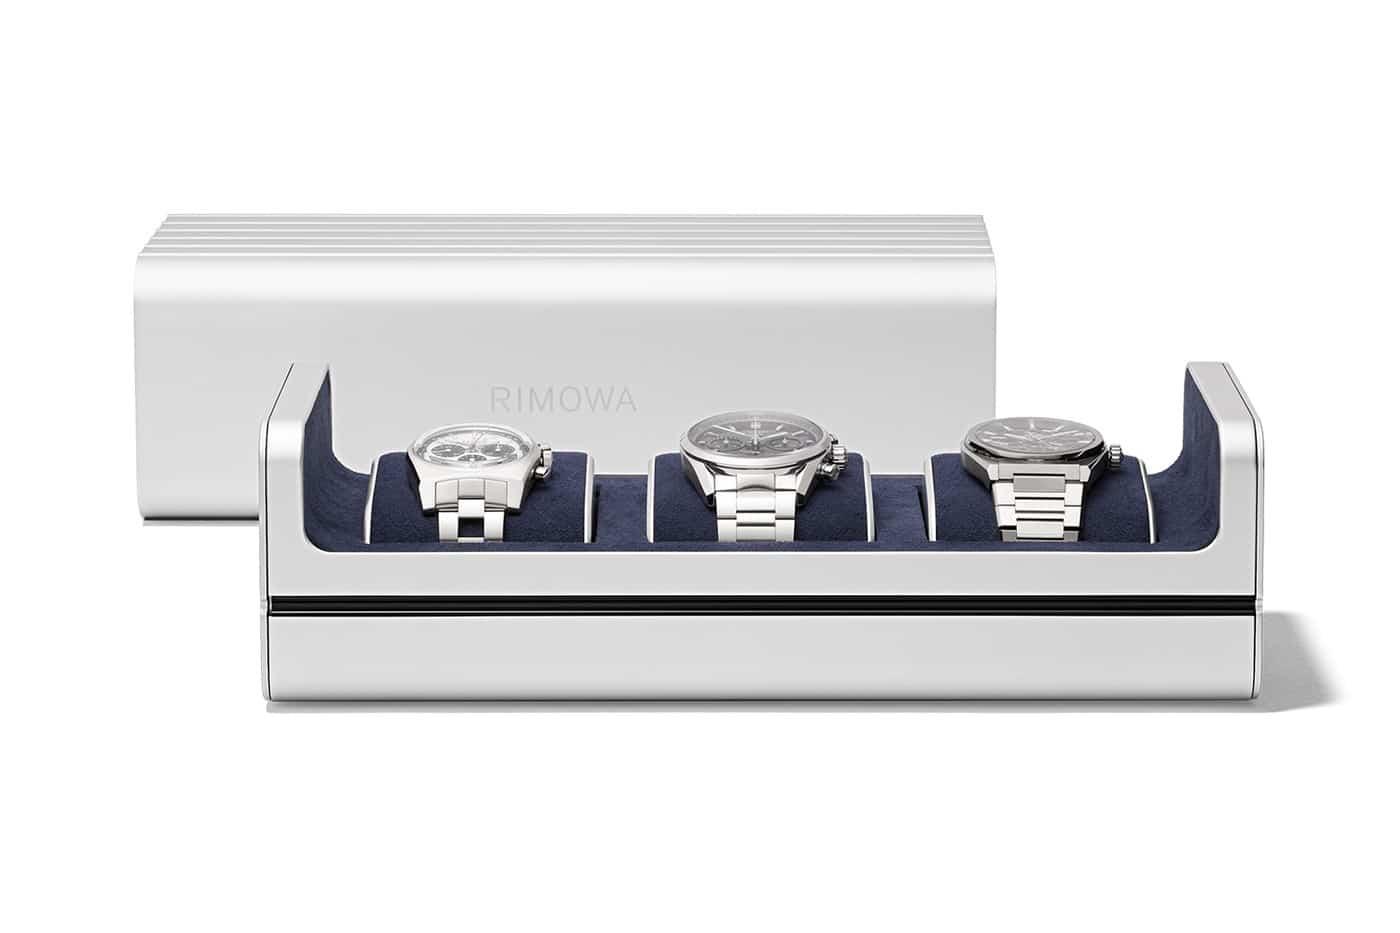 Luxe : Rimowa dévoile son nouveau coffret à rangement de montres haut de gamme